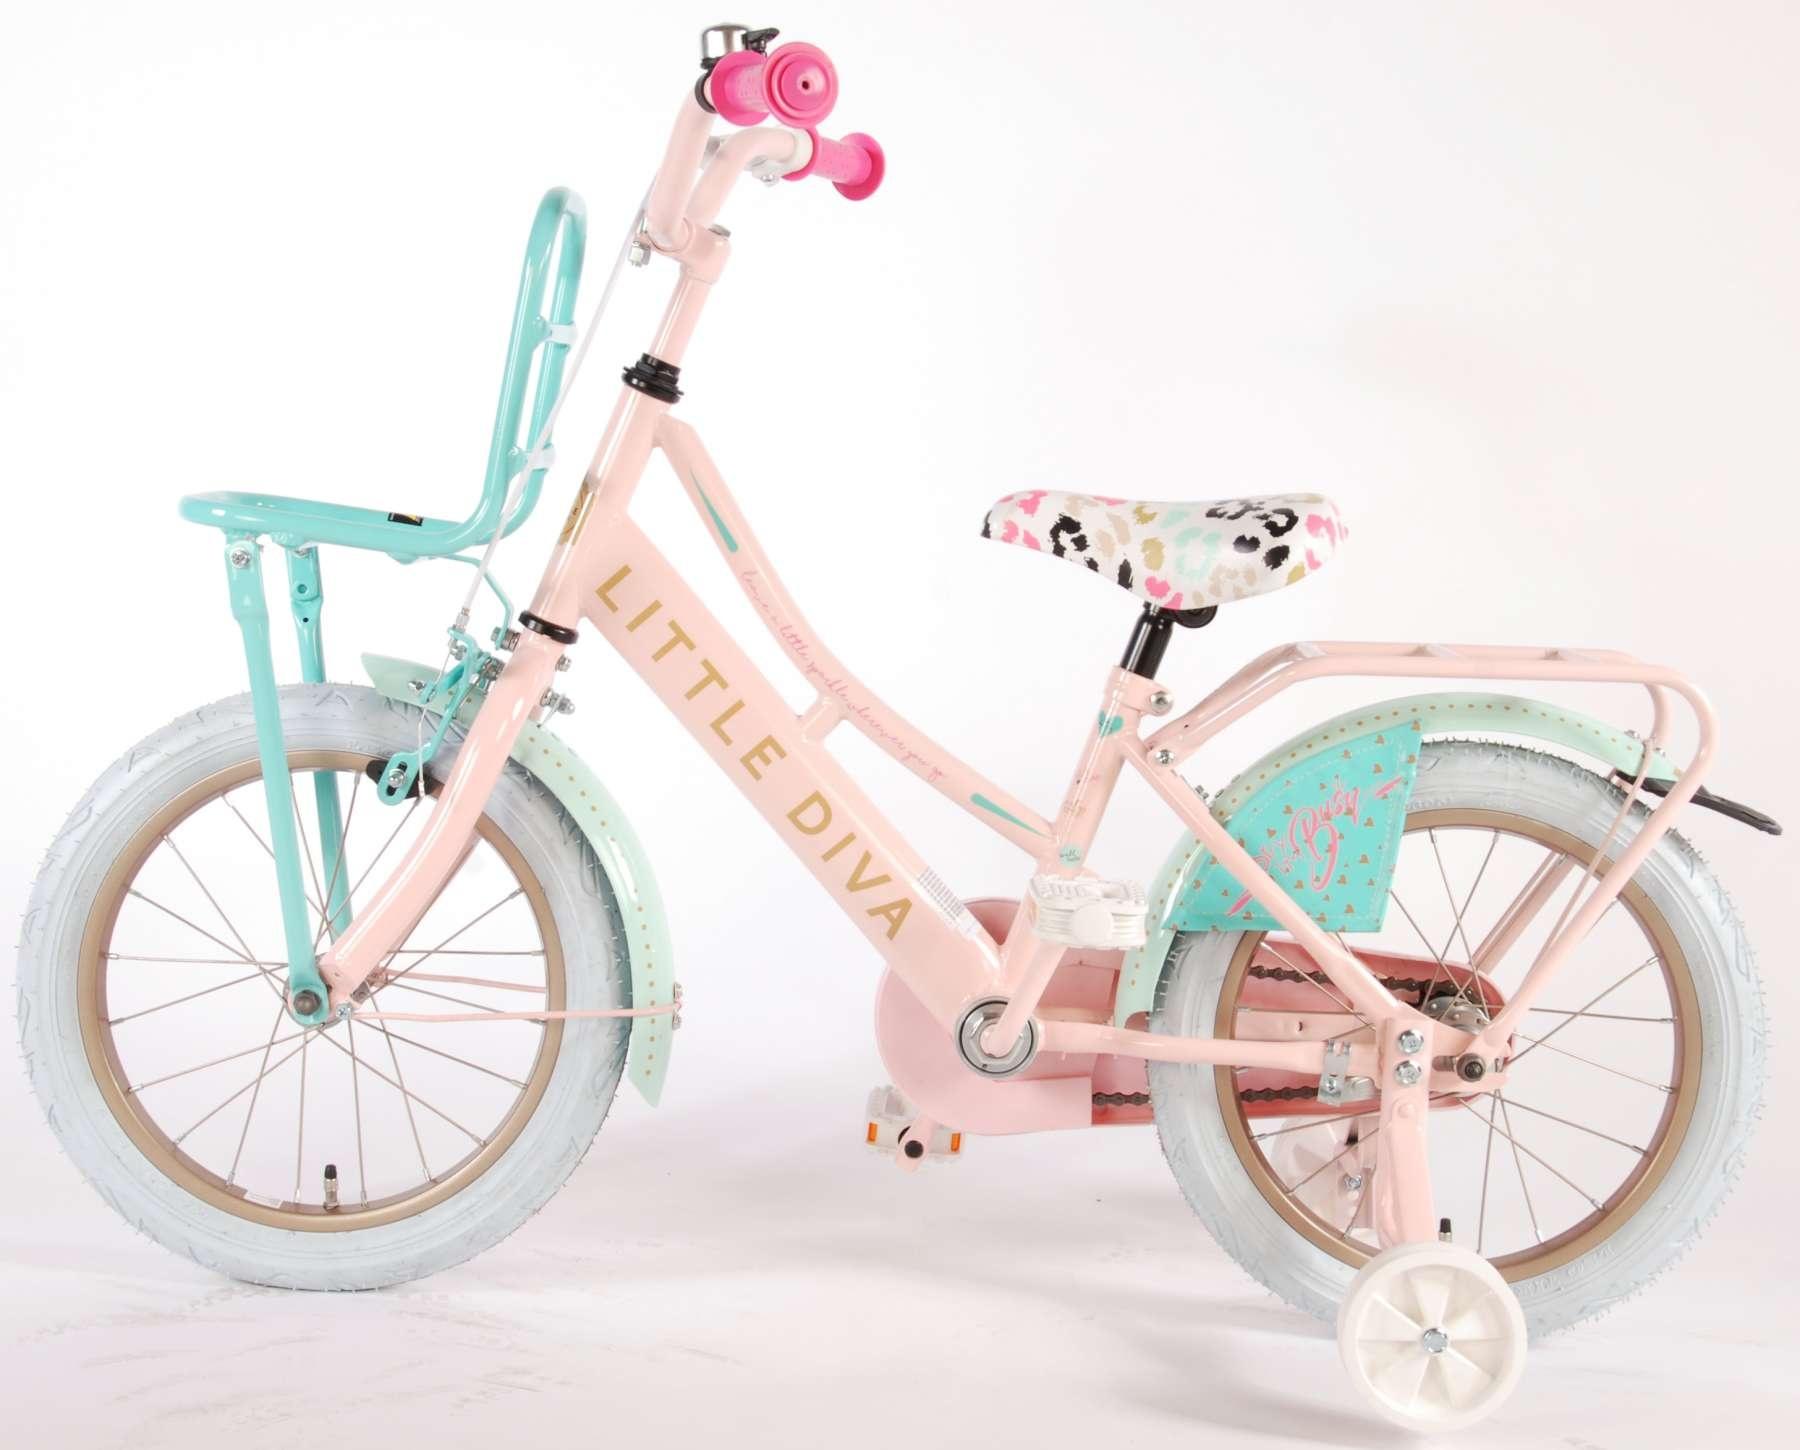 https://www.internet-bikes.com/producten/large/little_diva_kinderfiets_16_inch_254_cm_meisjes_terugtraprem_roze_3_154250.jpg